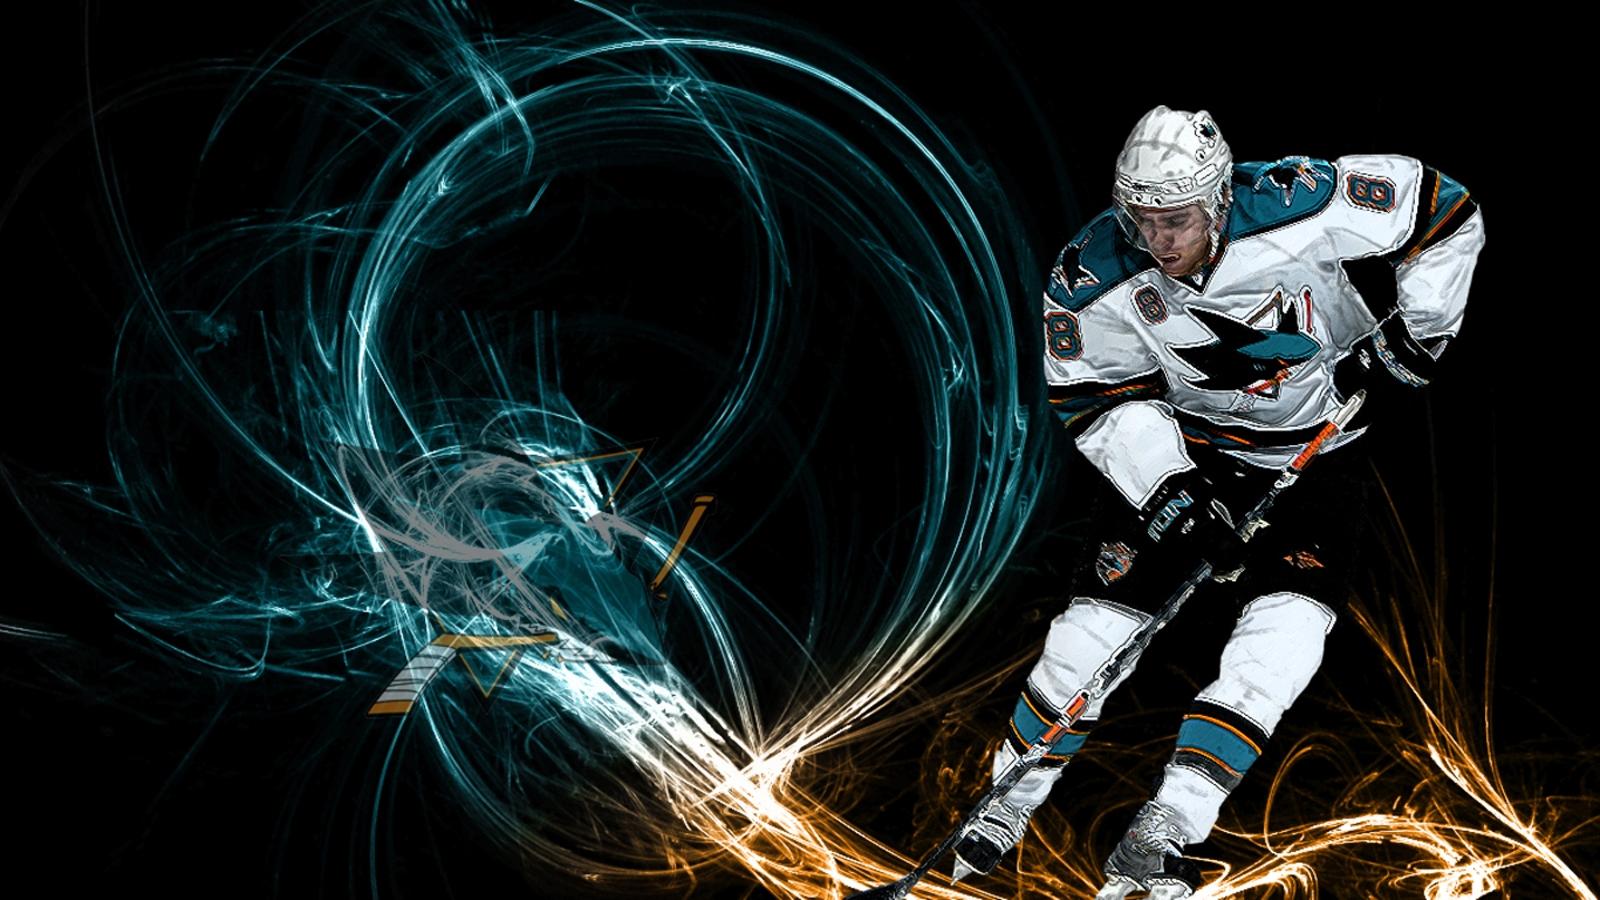 железа хоккей картинки фоновые форме